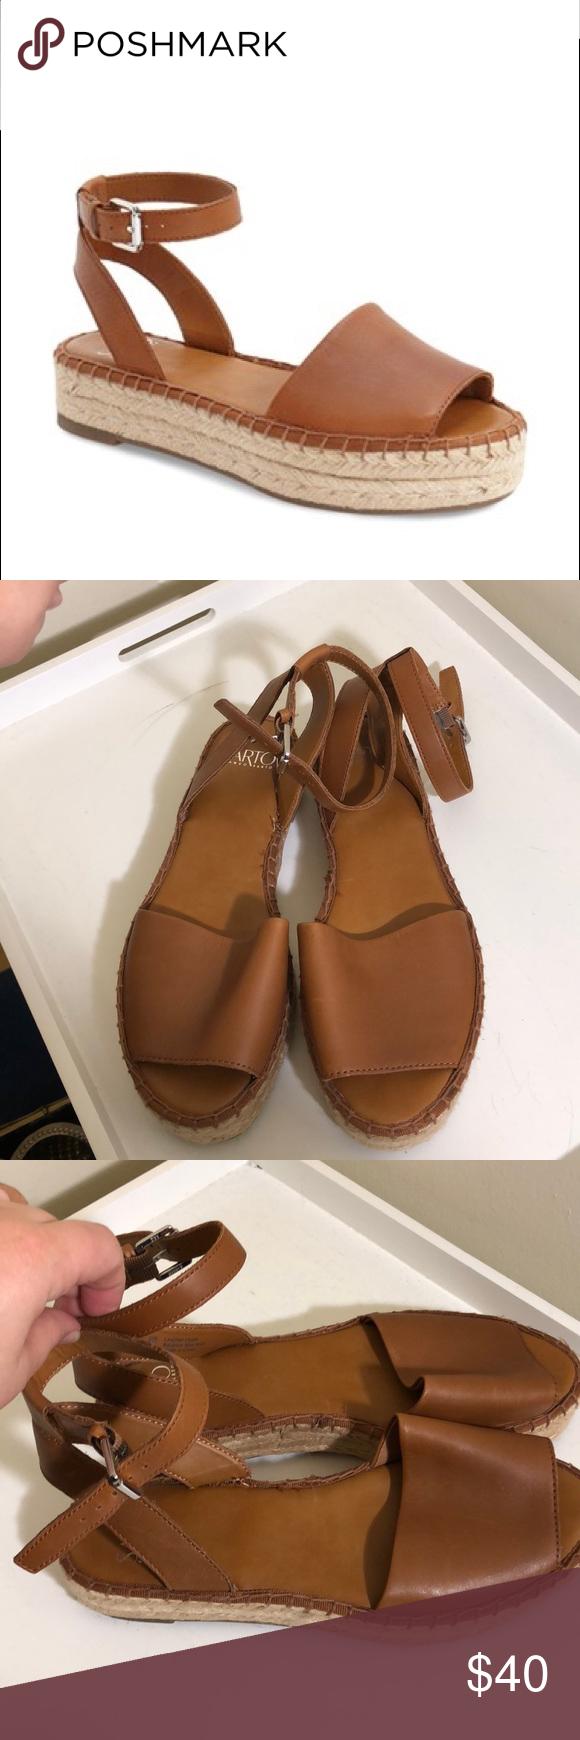 """d6af04447f9d Franco Sarto """"Ravenna"""" platform espadrille sandal— medium brown leather—  ankle strap— 1.5 inch platform. Perfect condition. Franco Sarto Shoes"""